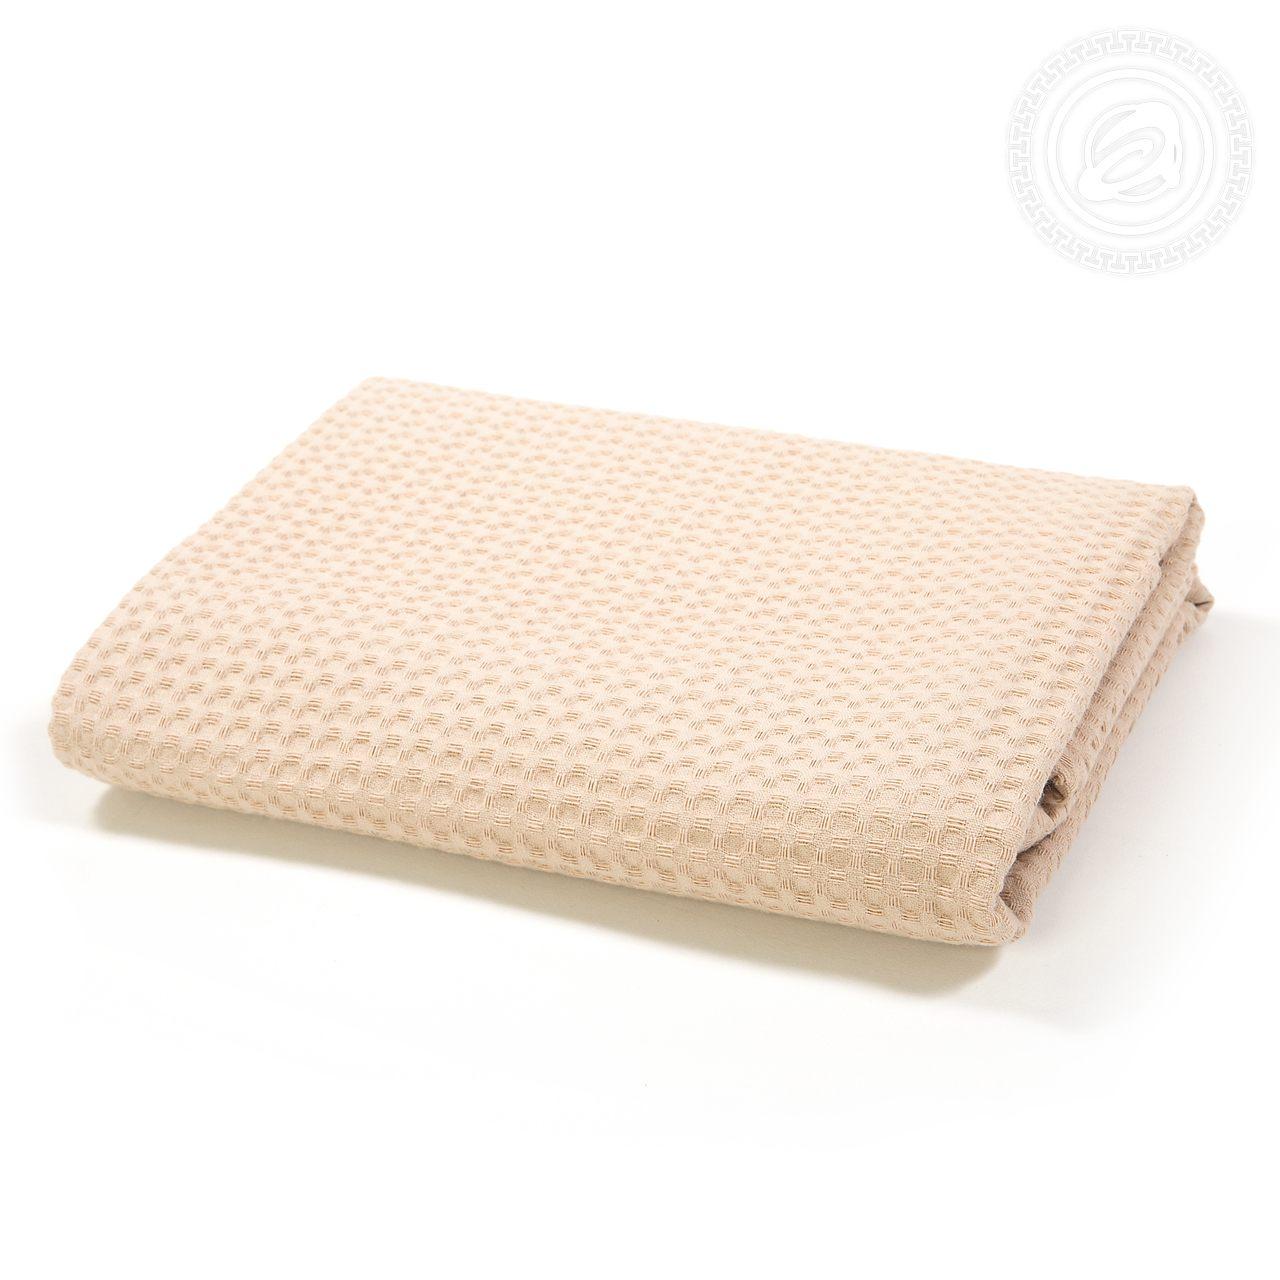 Полотенце банное iv59258 (70х140) банное полотенце hobby home collection 70х140 см sultan